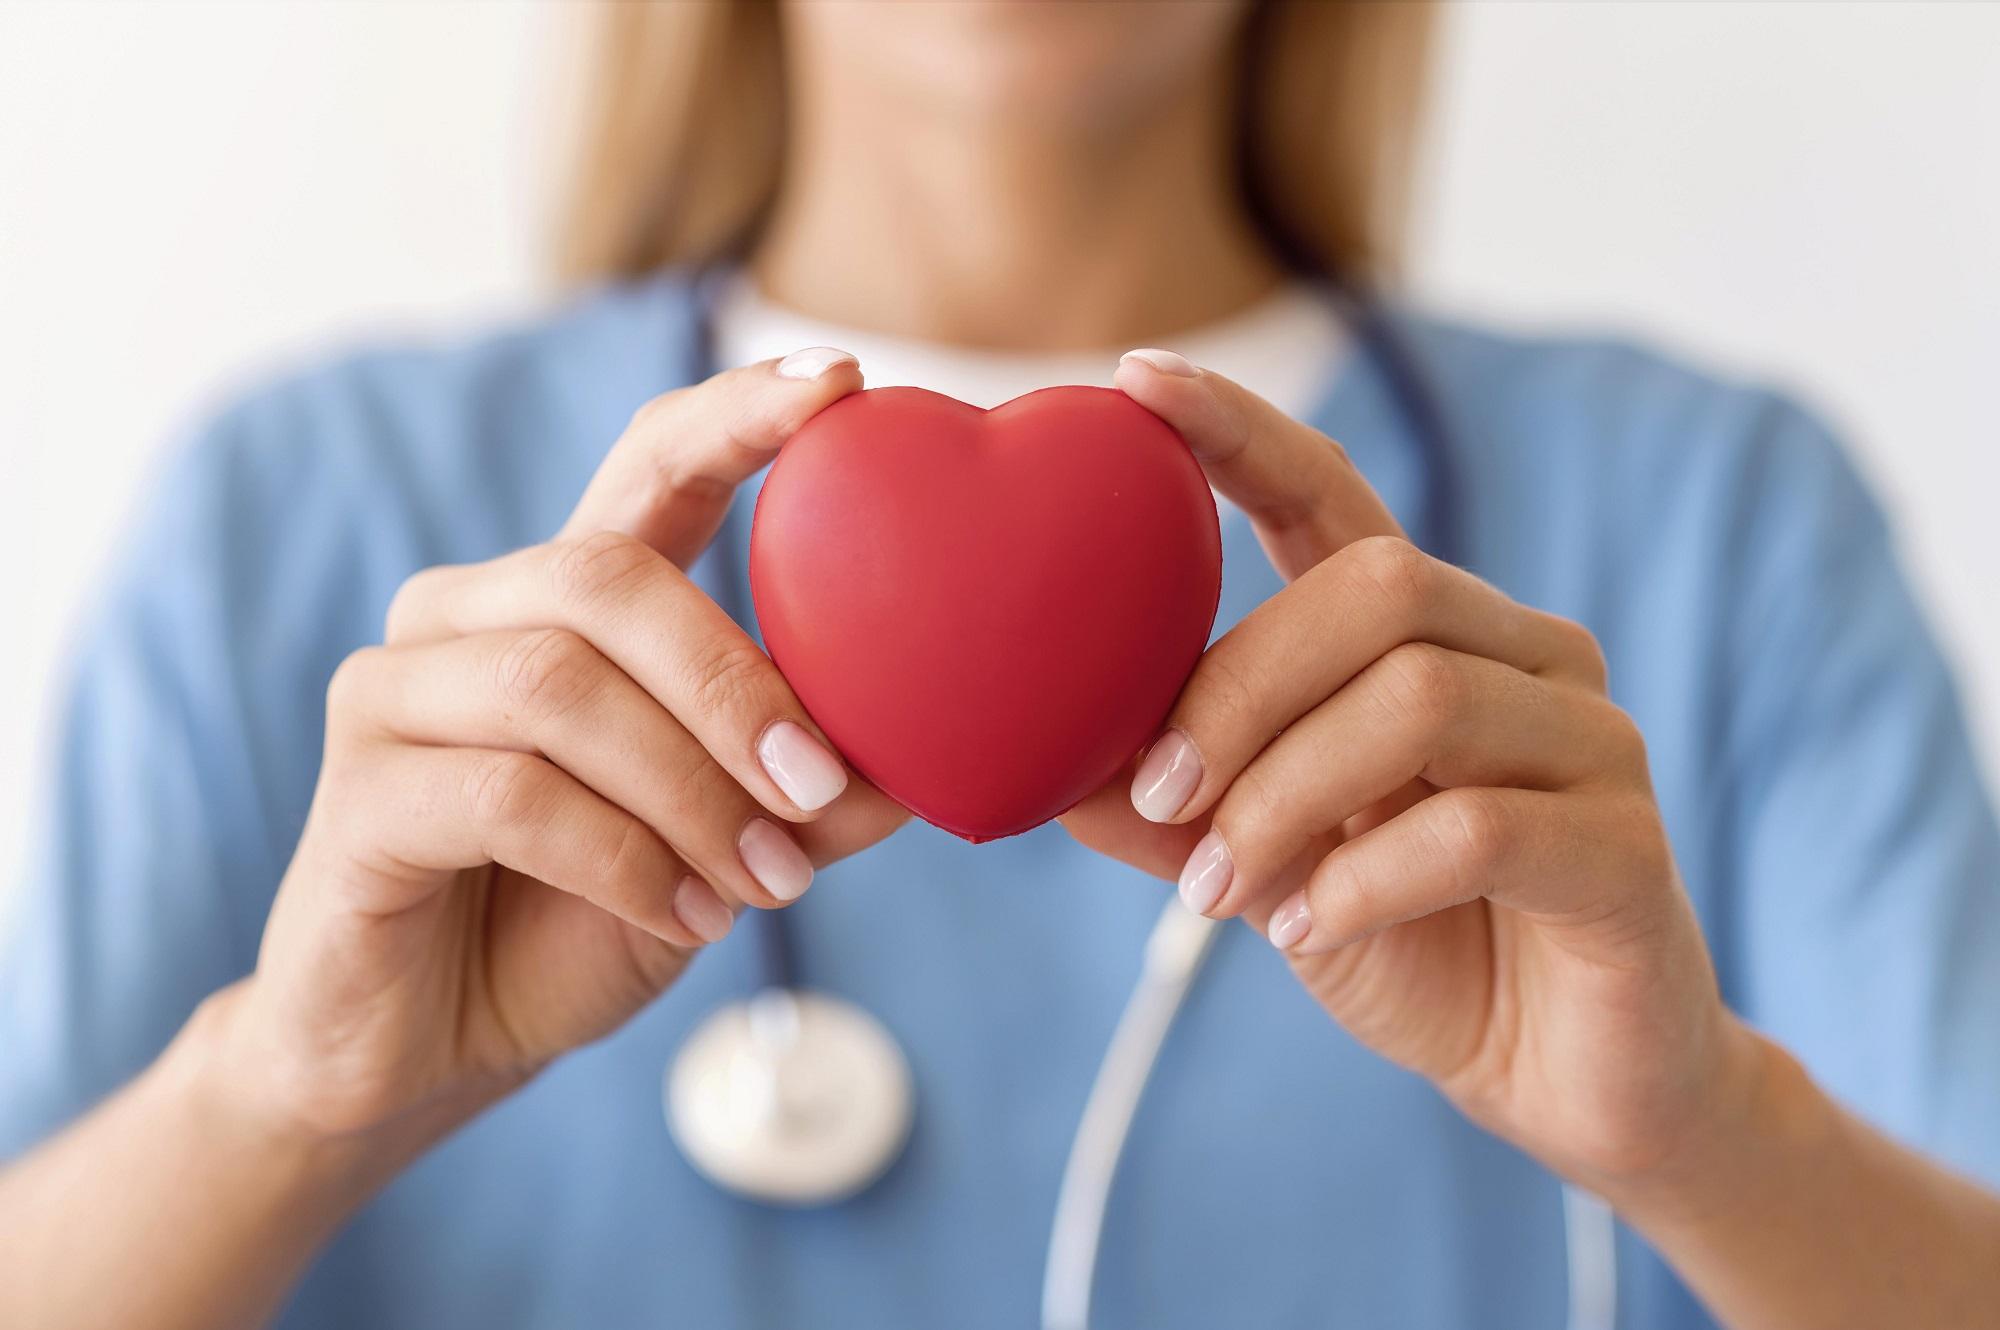 jūsų širdies sveikata - 14 skaičių, kuriuos turėtų žinoti visi